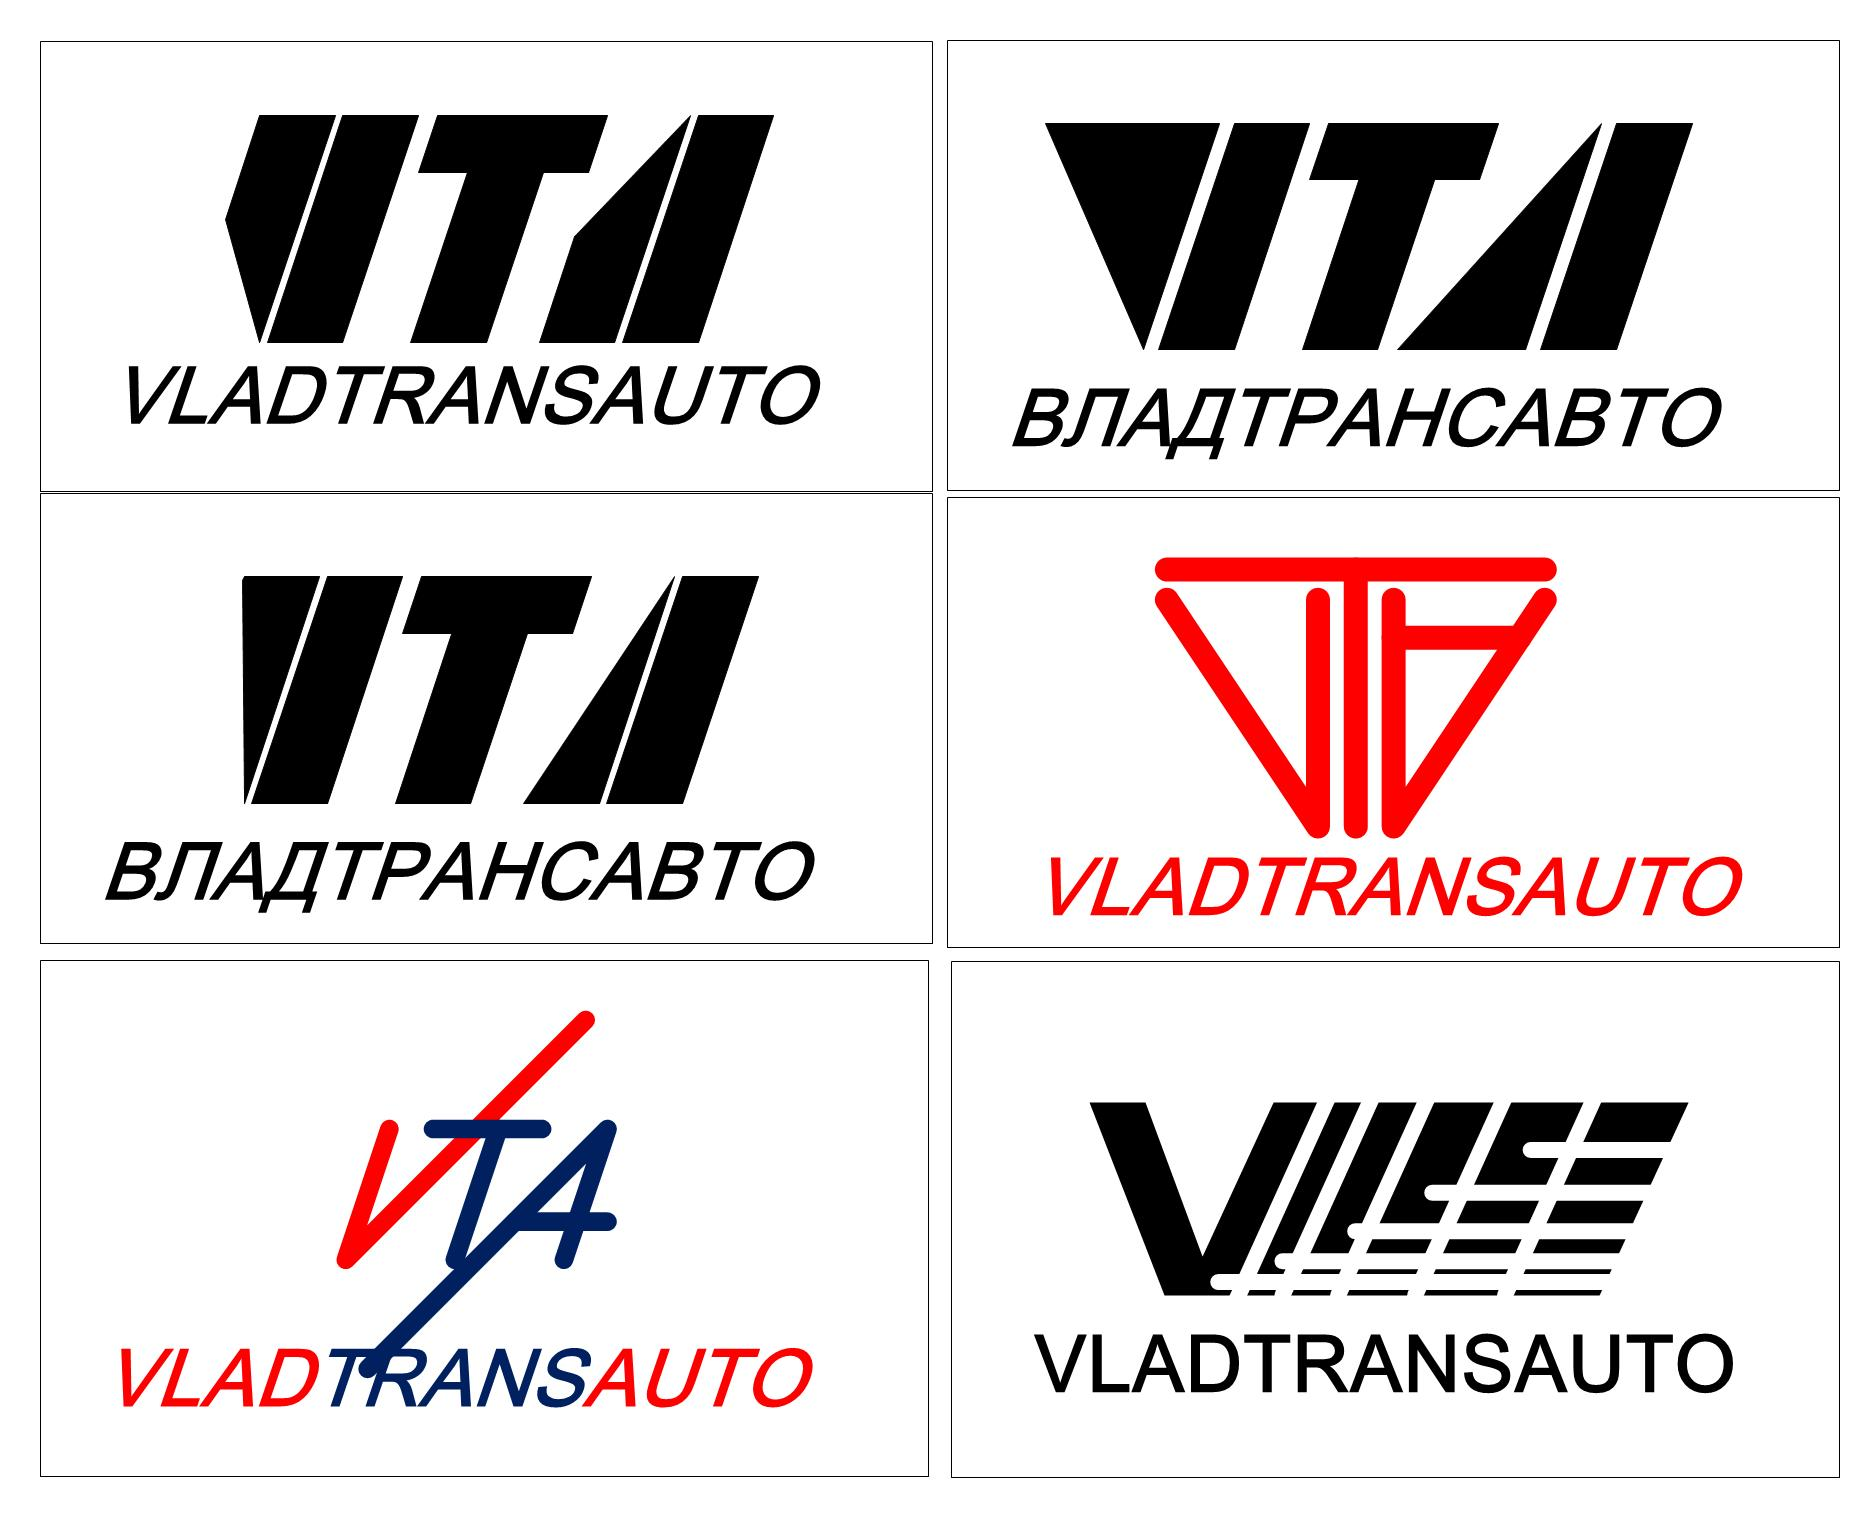 Логотип и фирменный стиль для транспортной компании Владтрансавто фото f_6535cdc55732c341.jpg